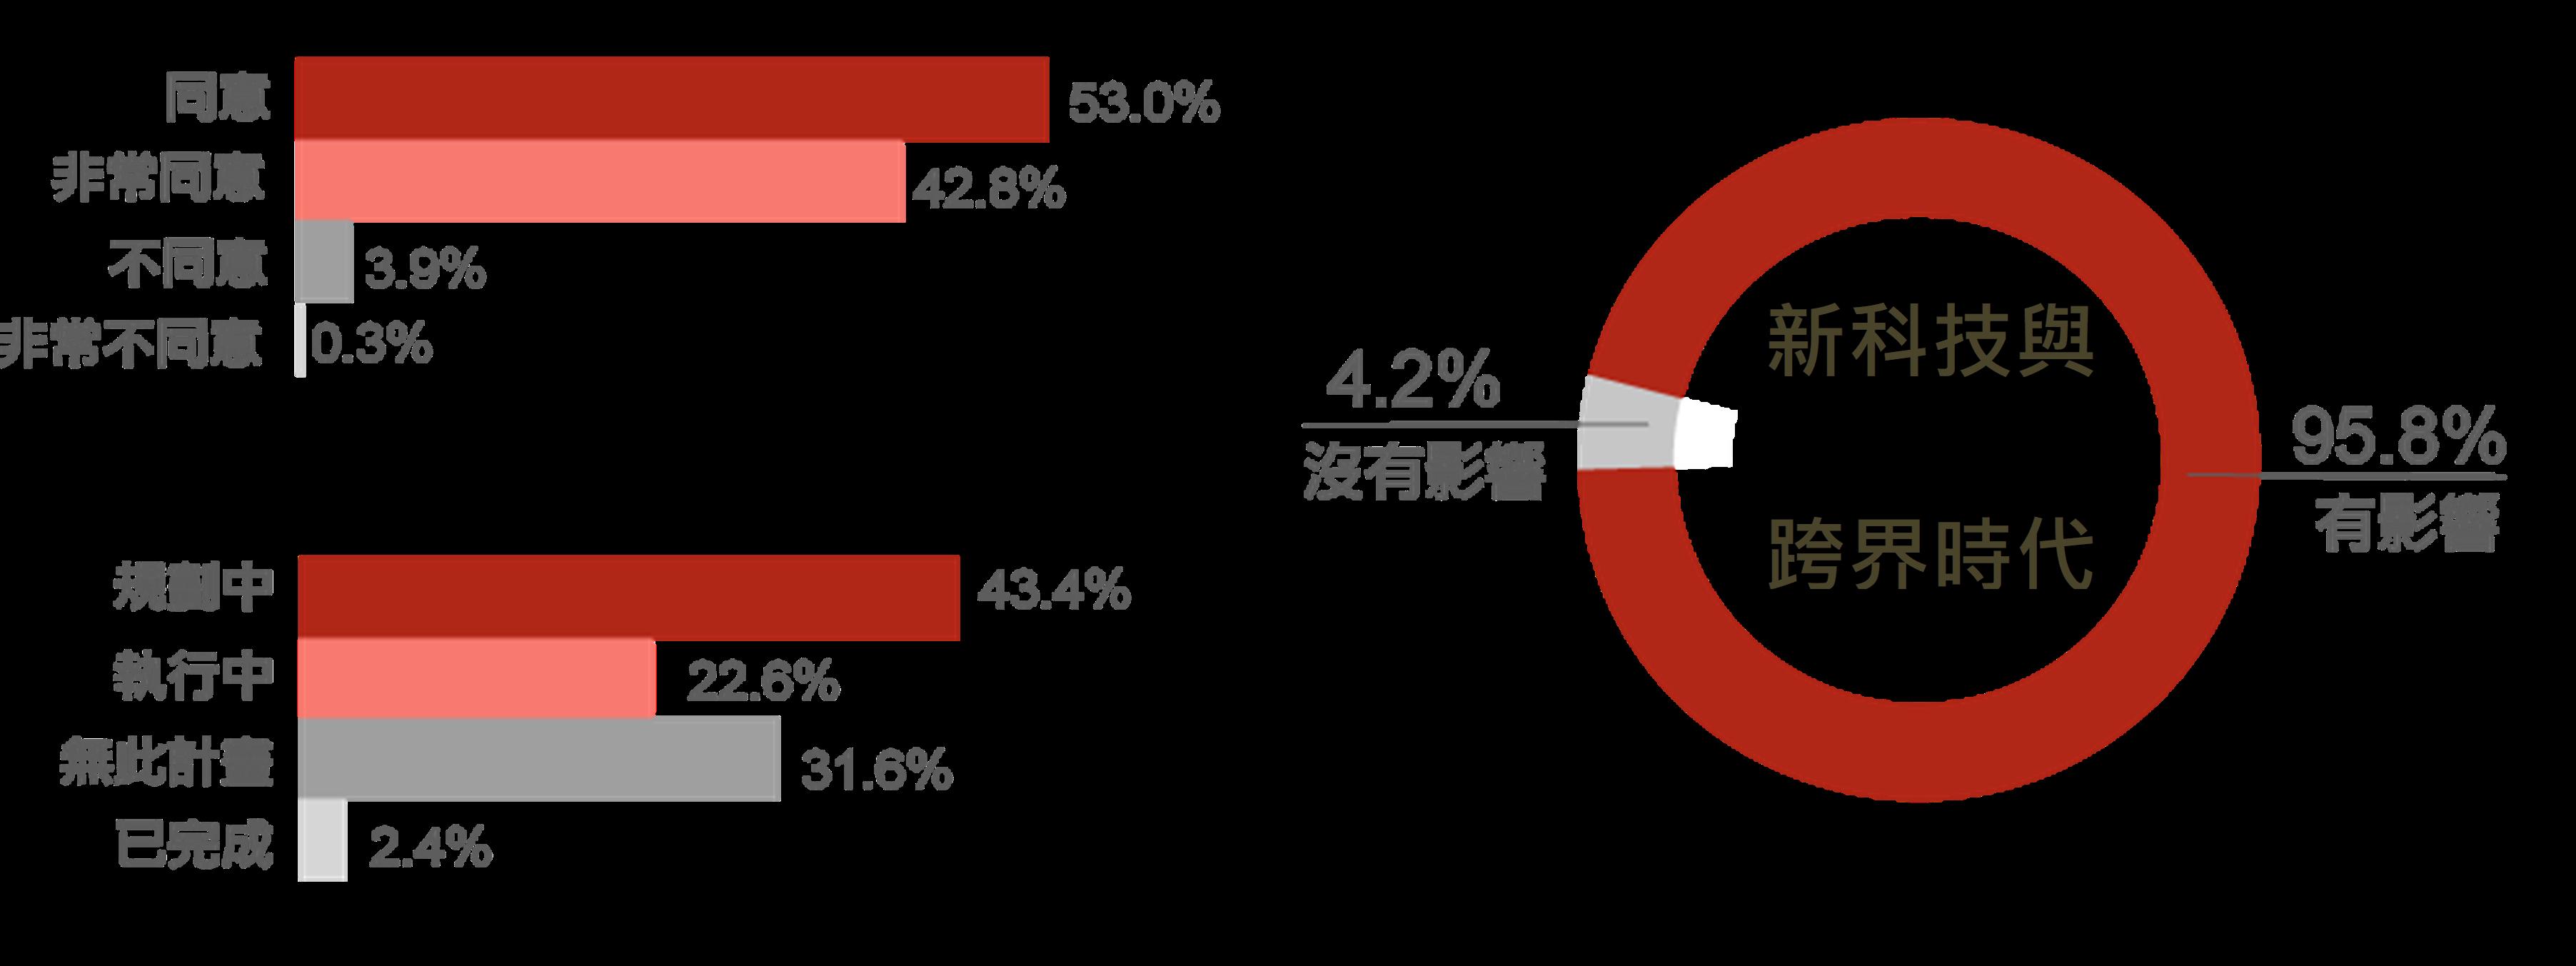 面臨新科技發展趨勢下,96%企業重新定義關鍵職務,有66%的企業正在規劃中或是執行中。